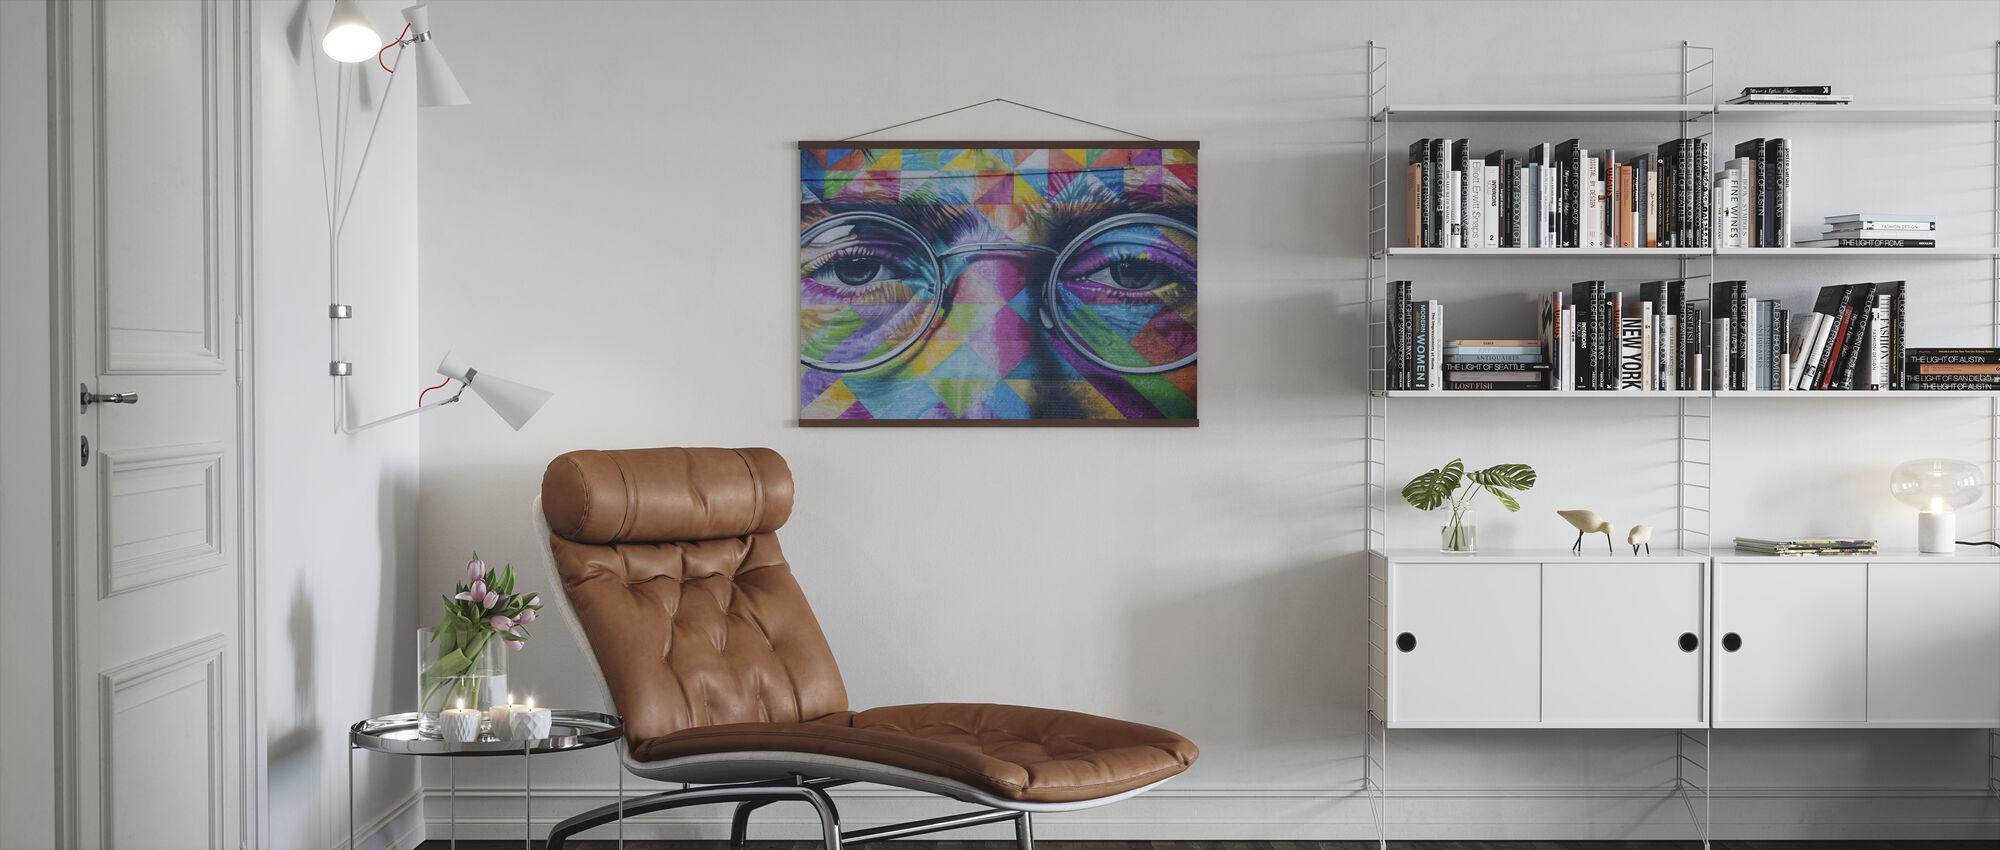 John Lennon Wall Art - Poster - Living Room